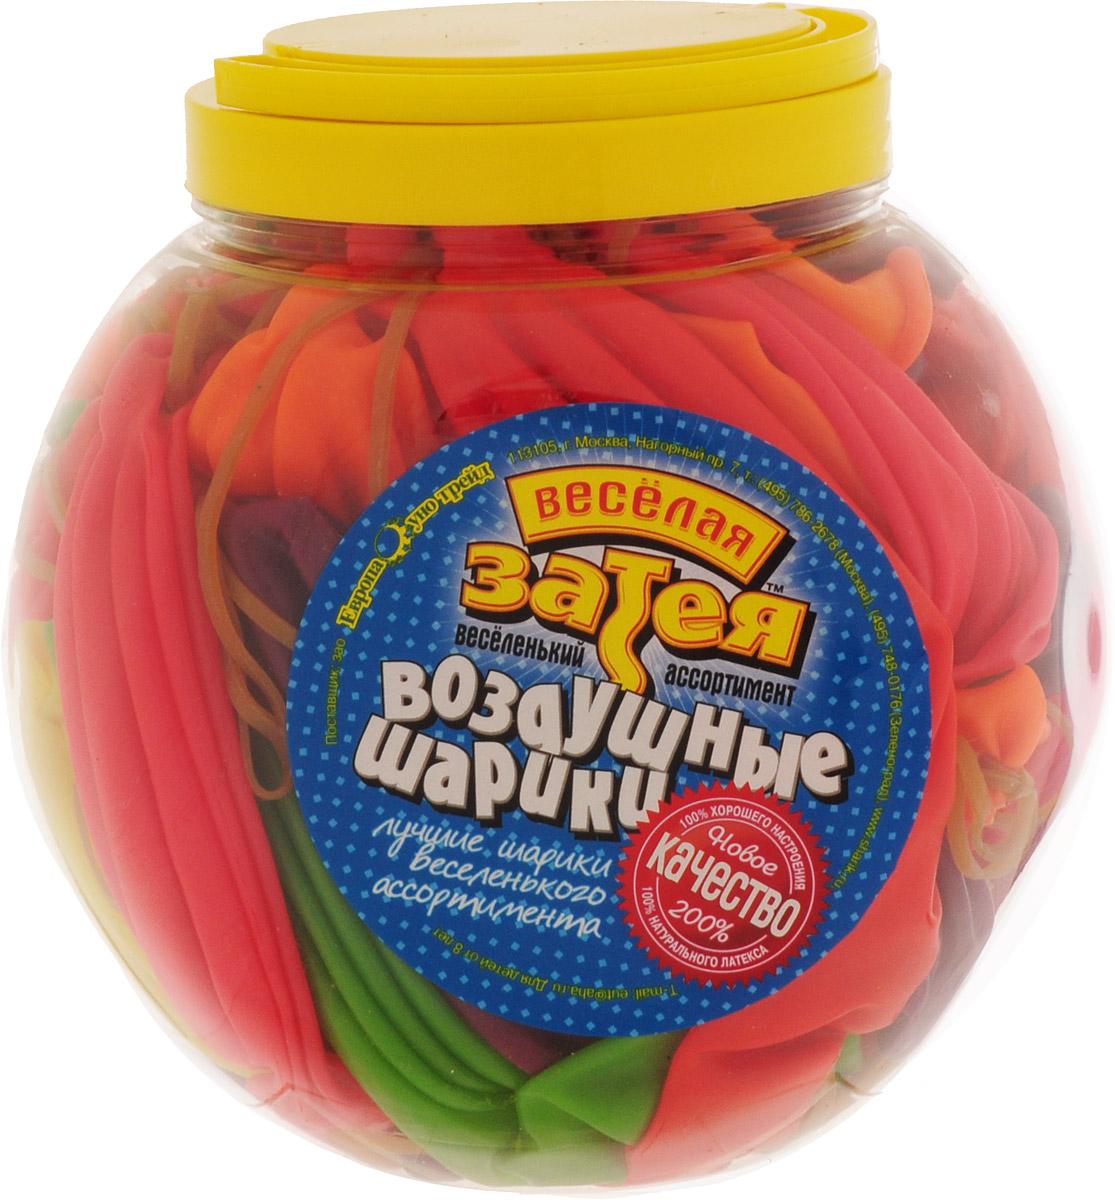 Веселая затея Набор воздушных шариков Панч-болл 50 шт 1110-0005 - Воздушные шарики